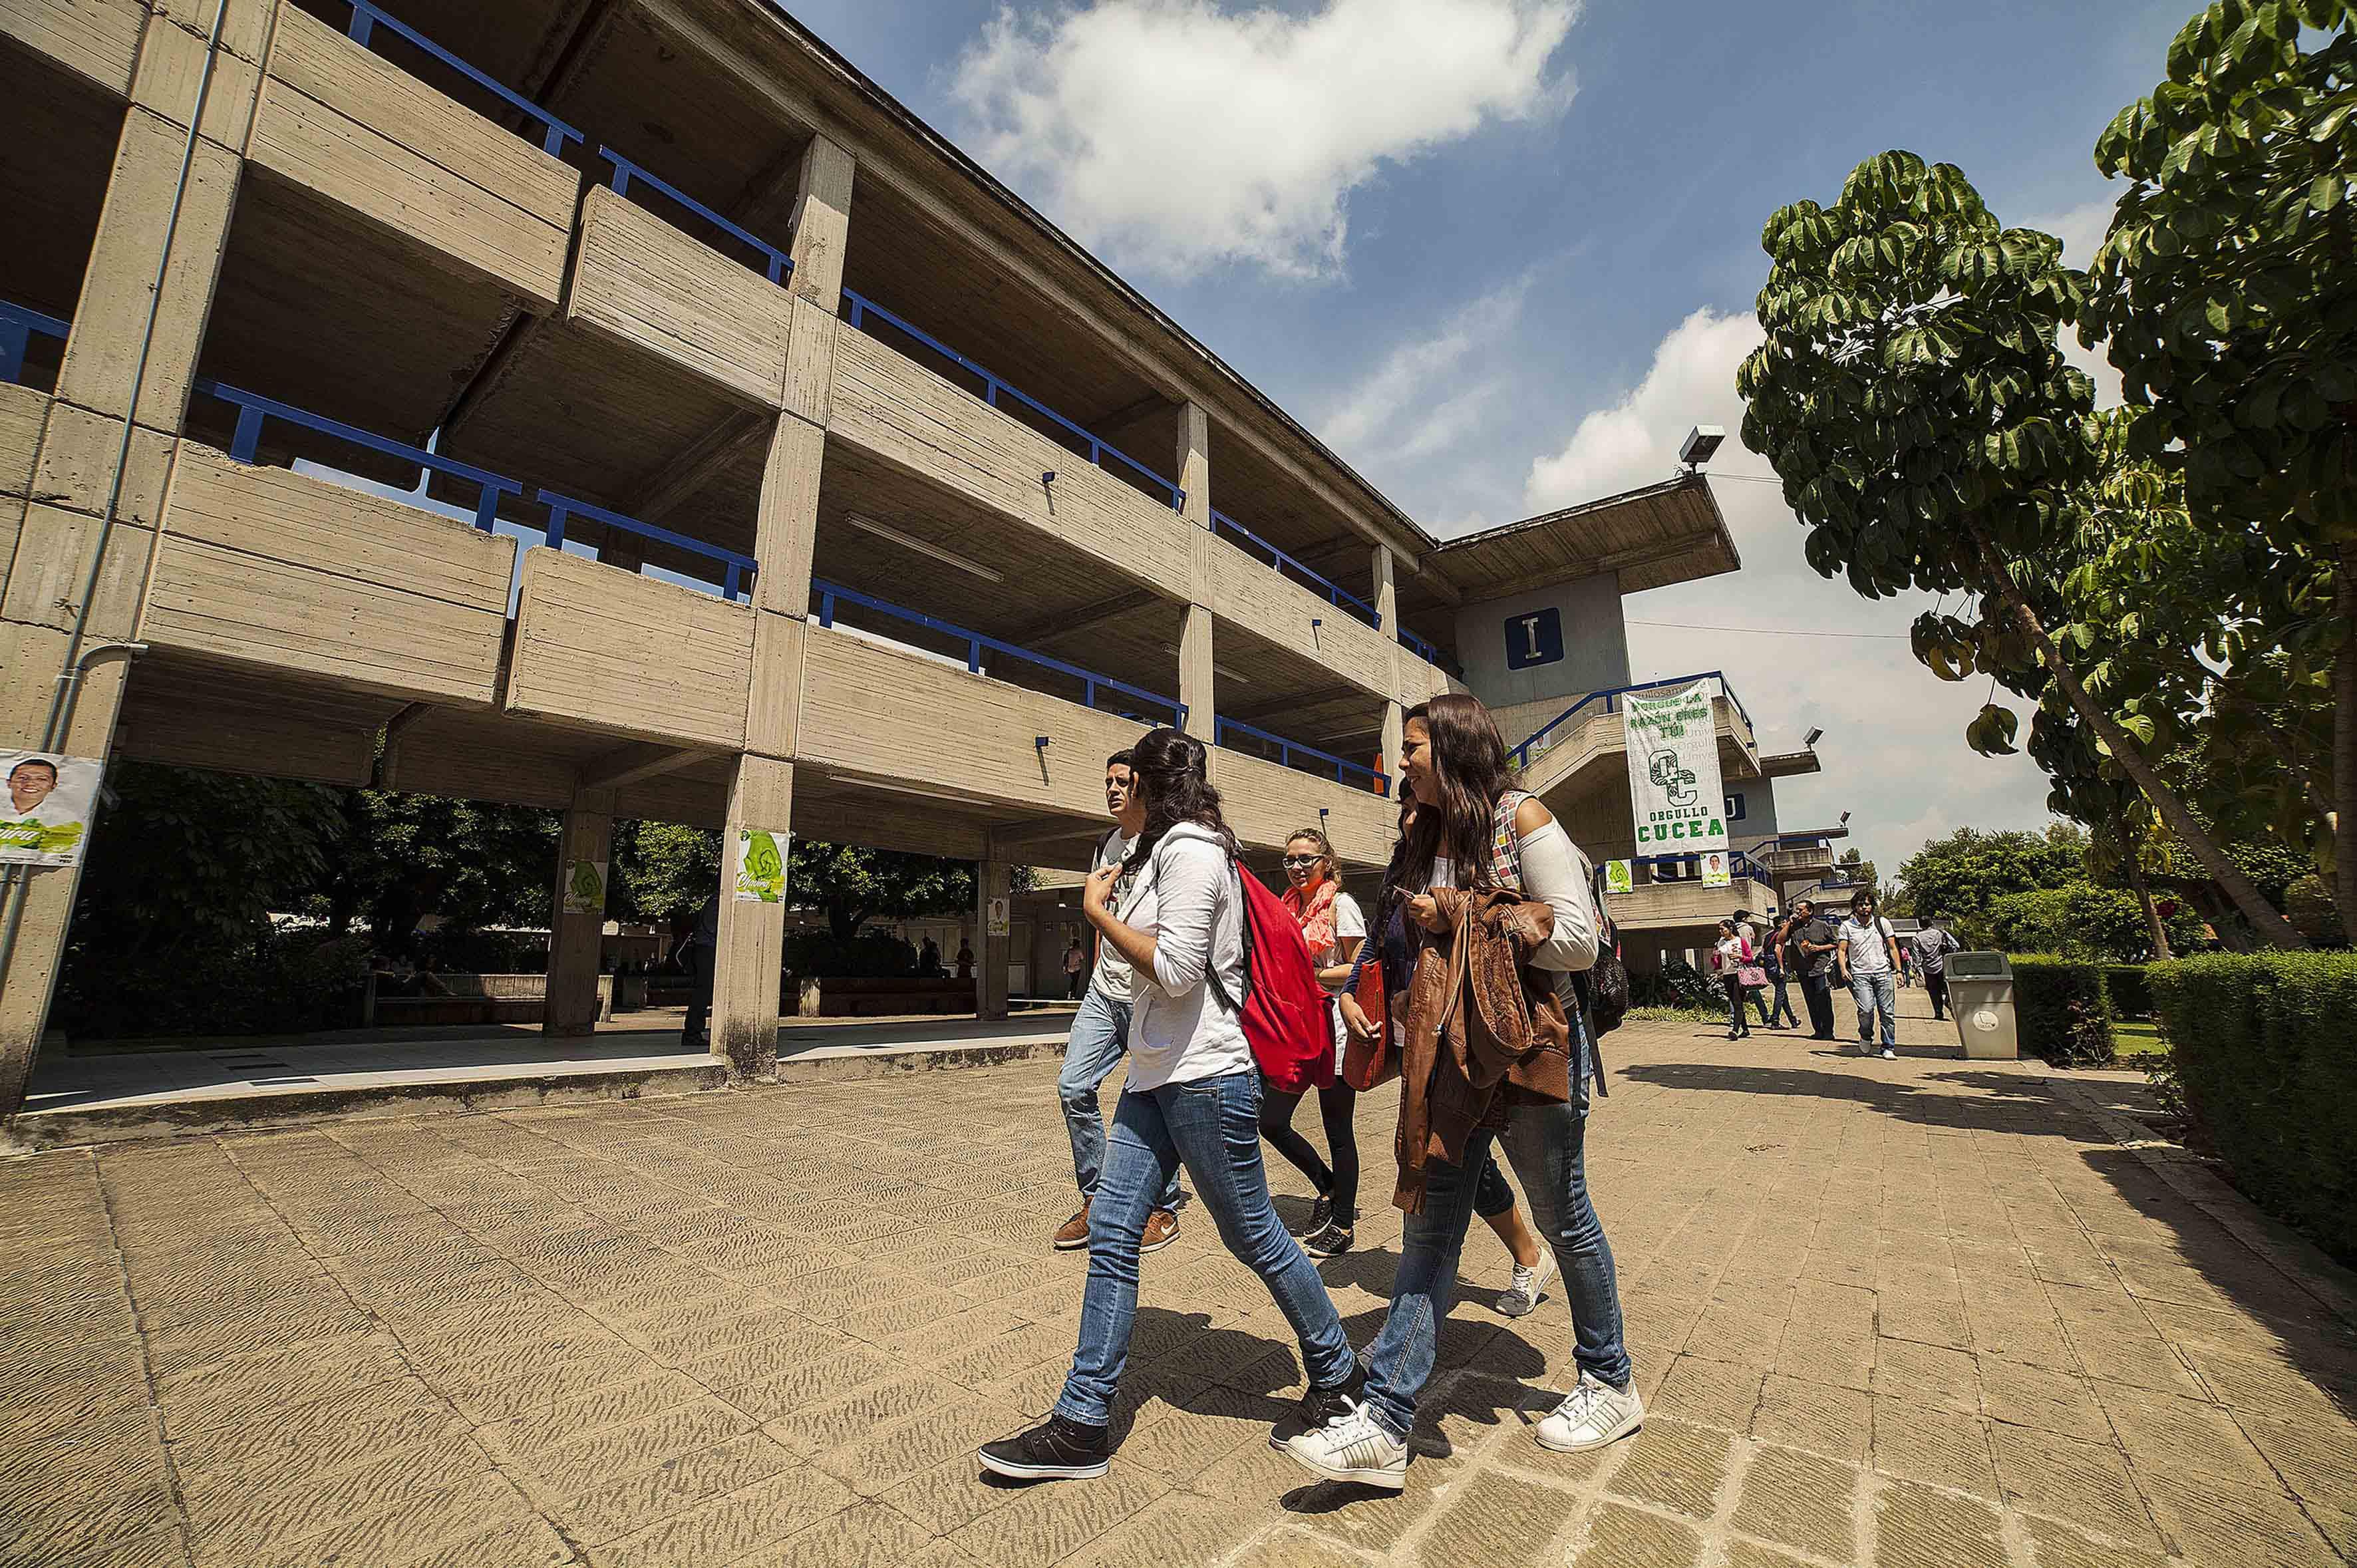 Estudiantes caminando por instalaciones universitarias